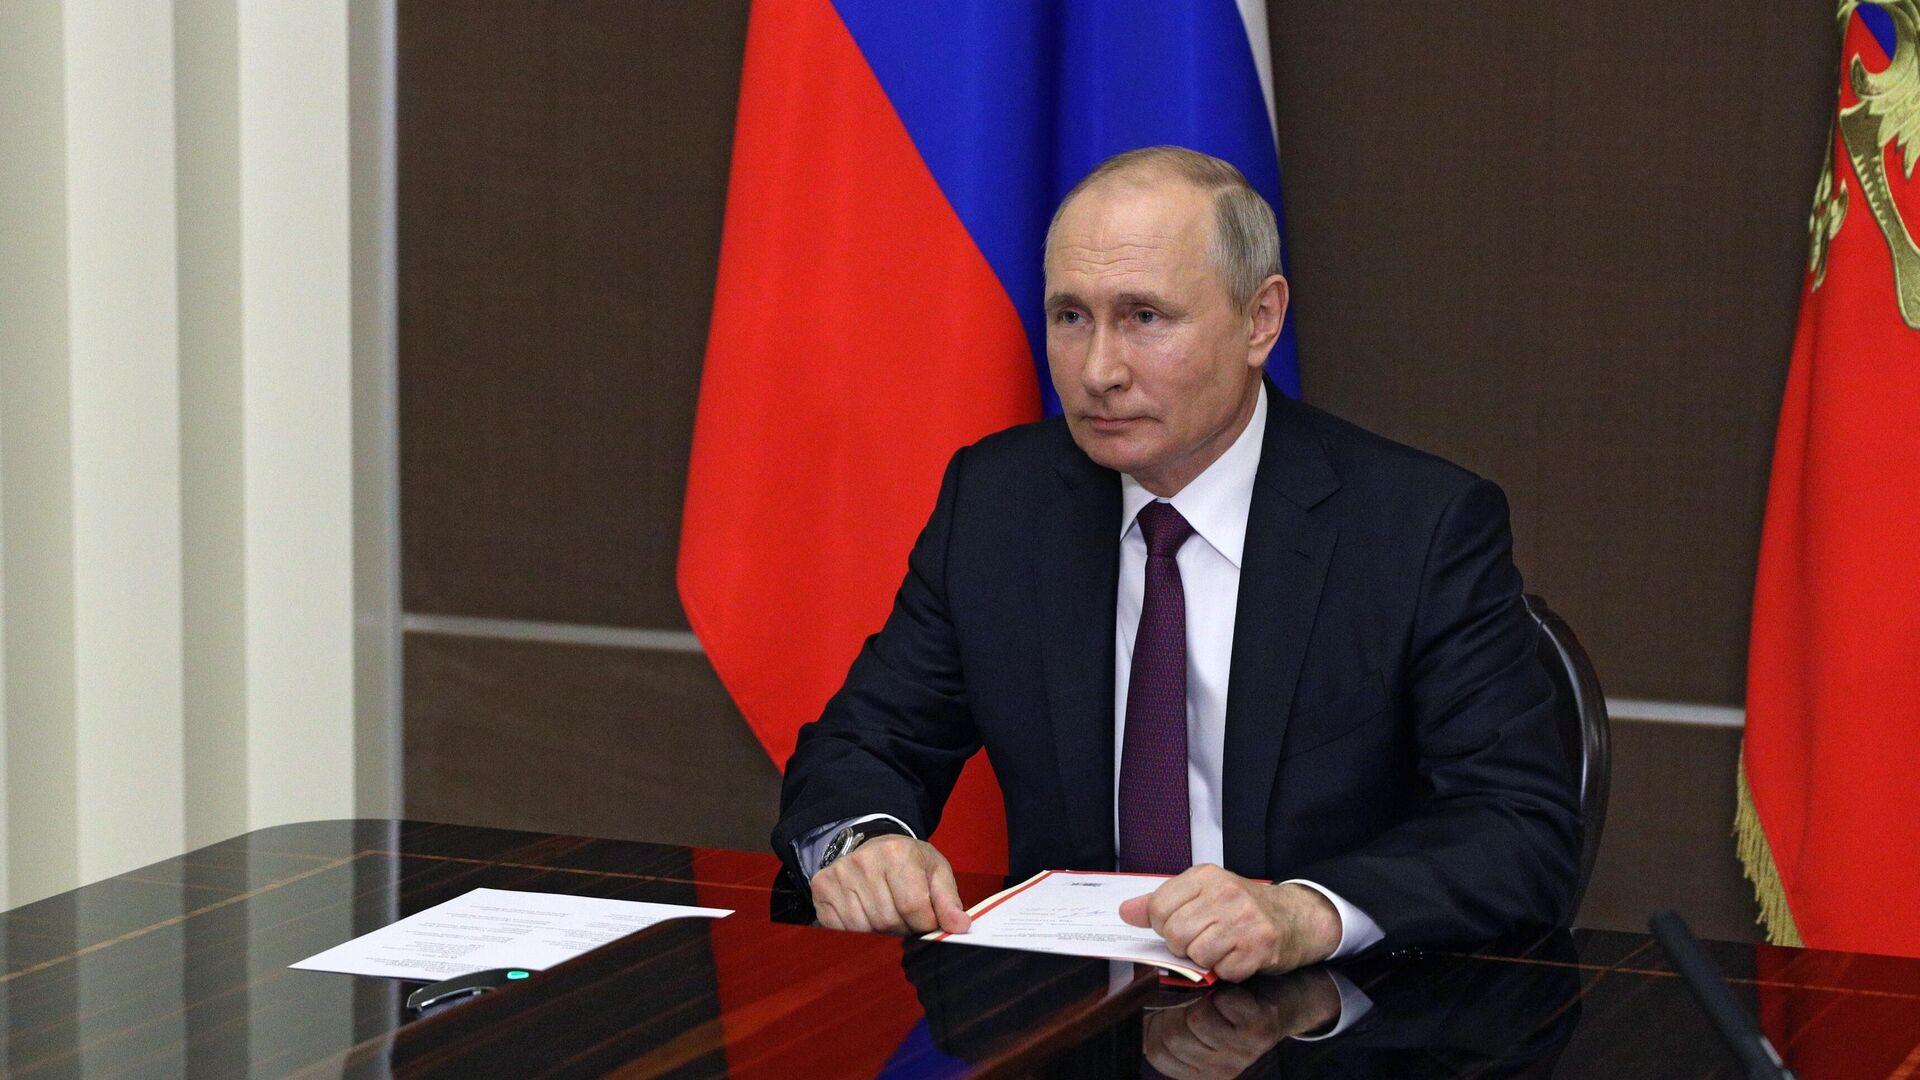 Президент РФ Владимир Путин проводит оперативное совещание с постоянными членами Совета безопасности РФ в режиме видеоконференции - РИА Новости, 1920, 14.06.2021